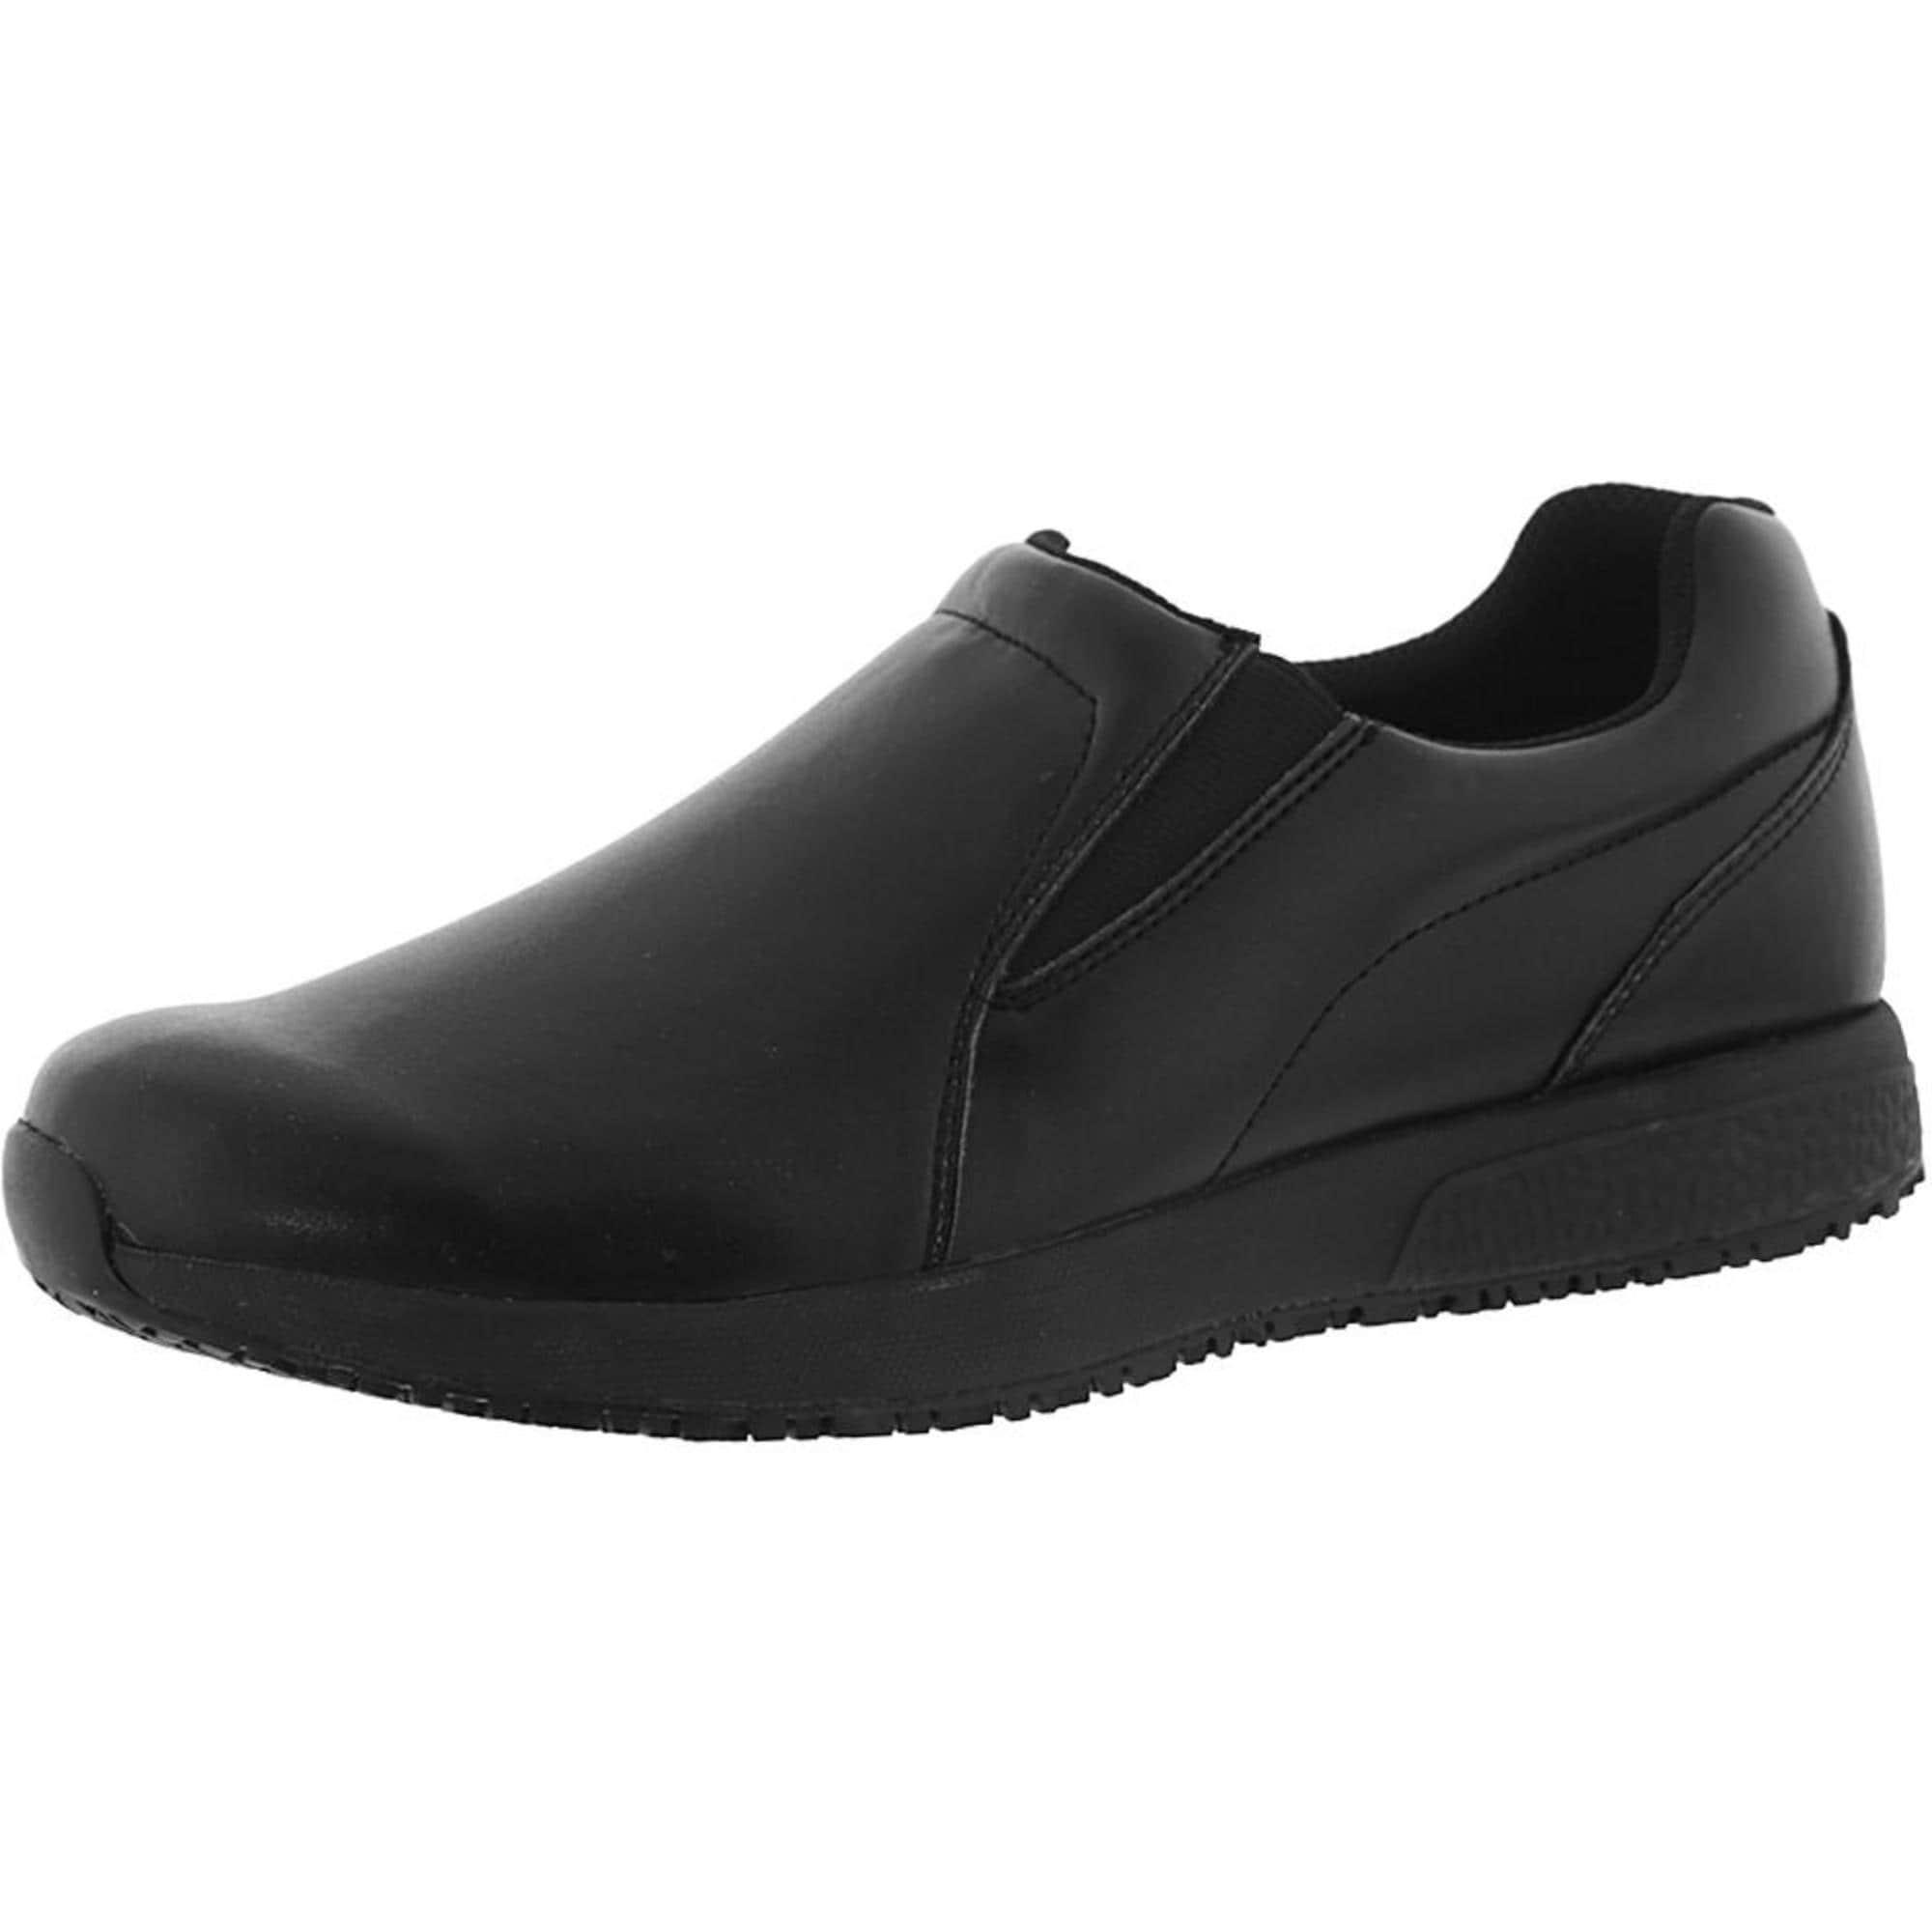 Shop Propet Mens Stannis Casual Shoes